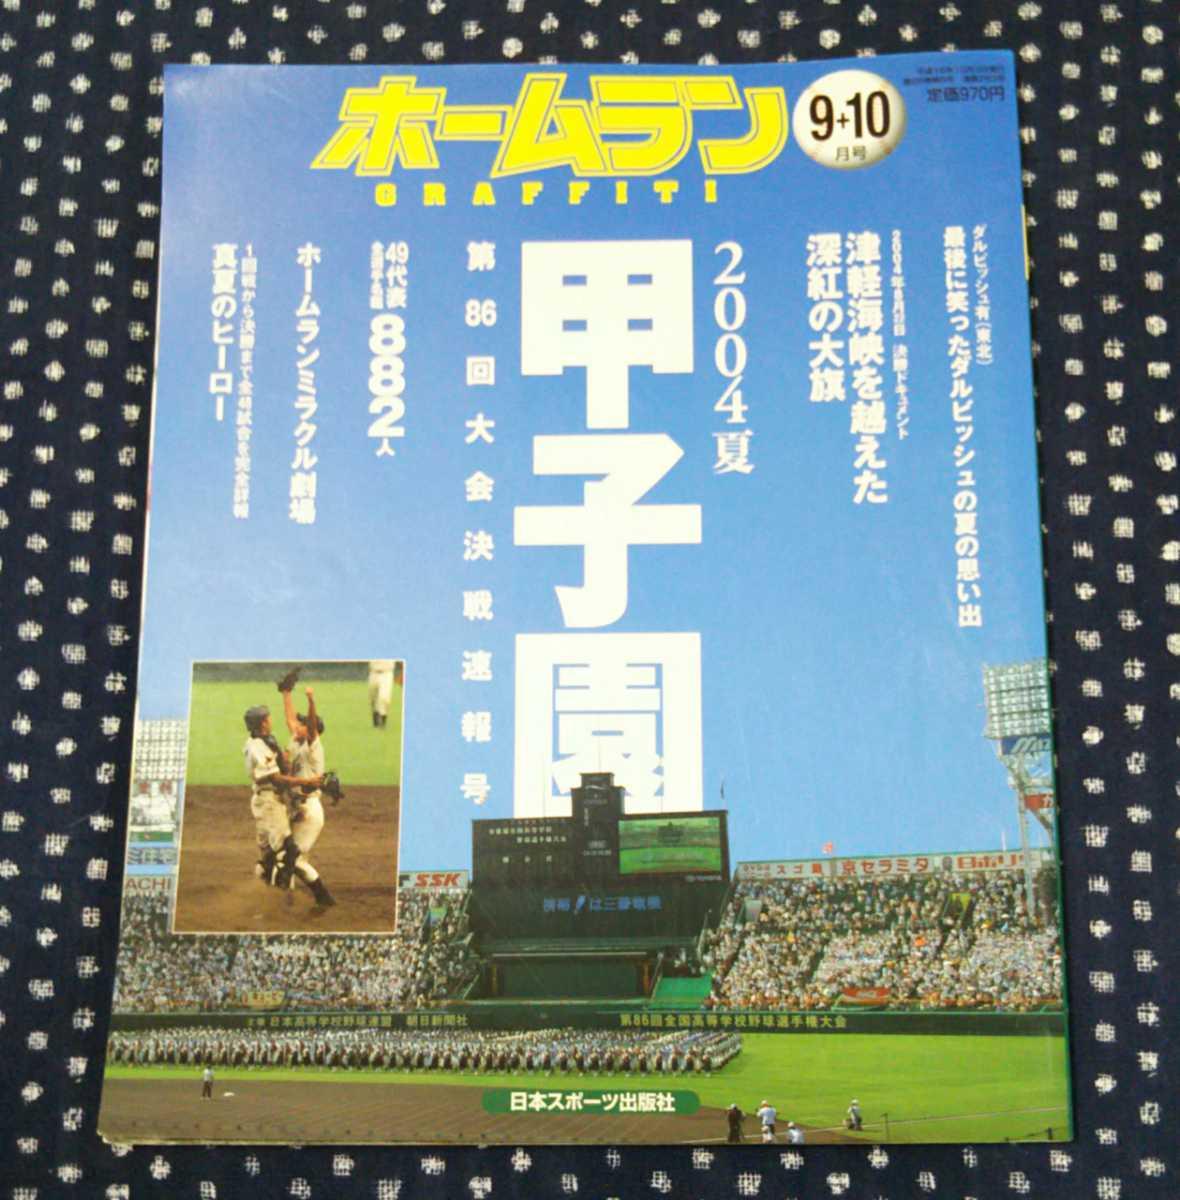 ホームラン 2004 夏 9+10月号 第86回高校野球選手権大会 速報号 甲子園 駒大苫小牧_画像1